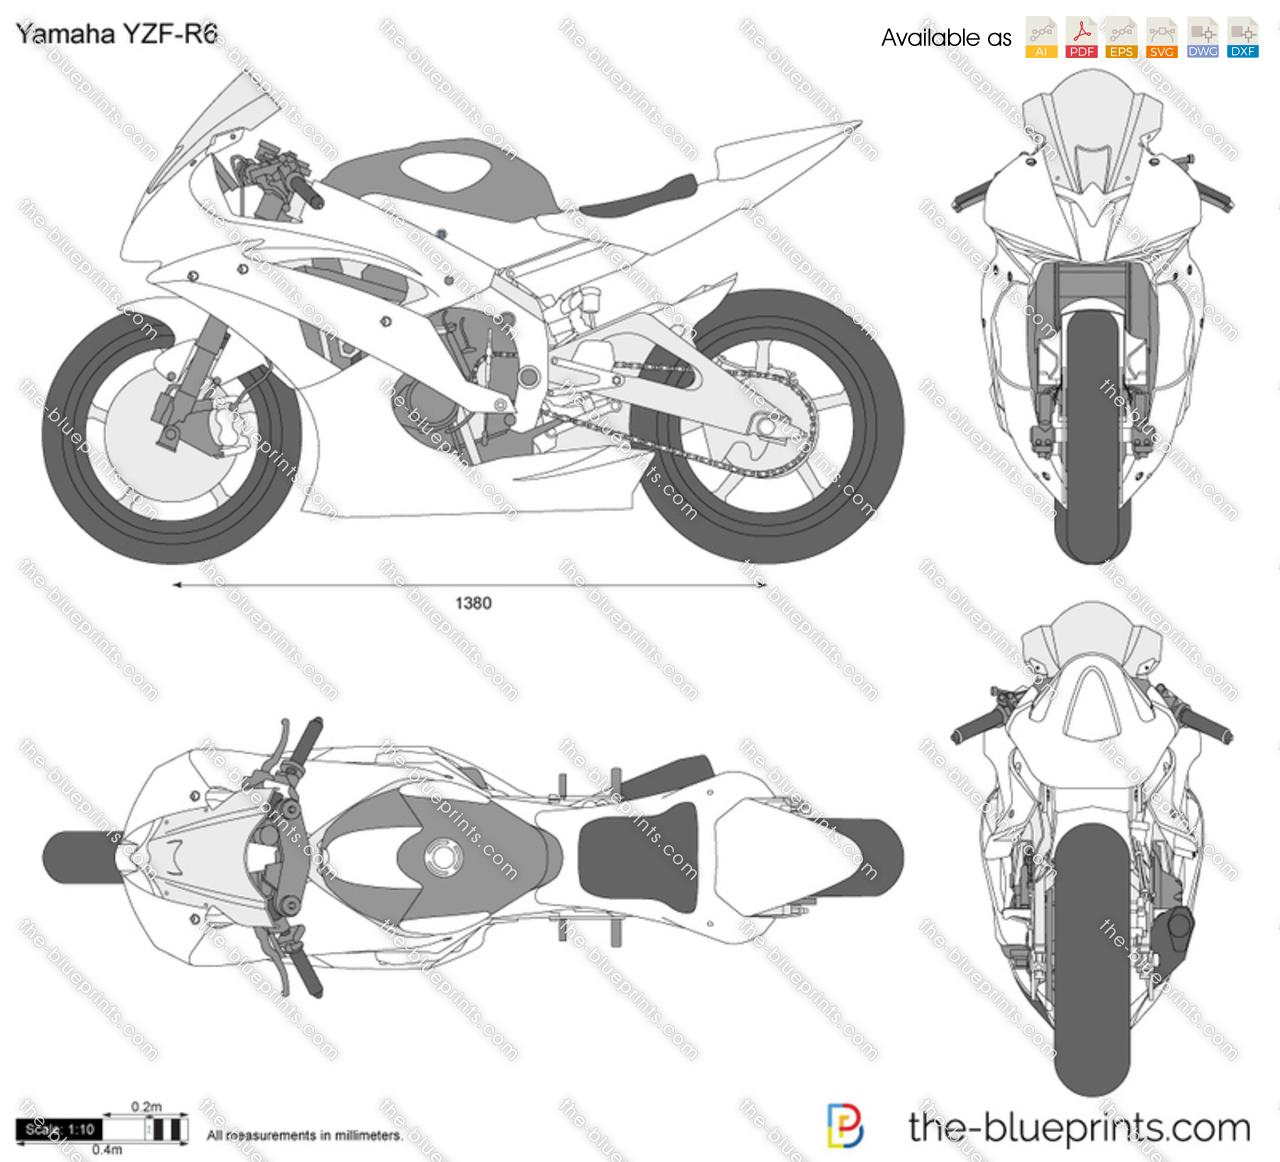 Yamaha YZF-R6 (race)